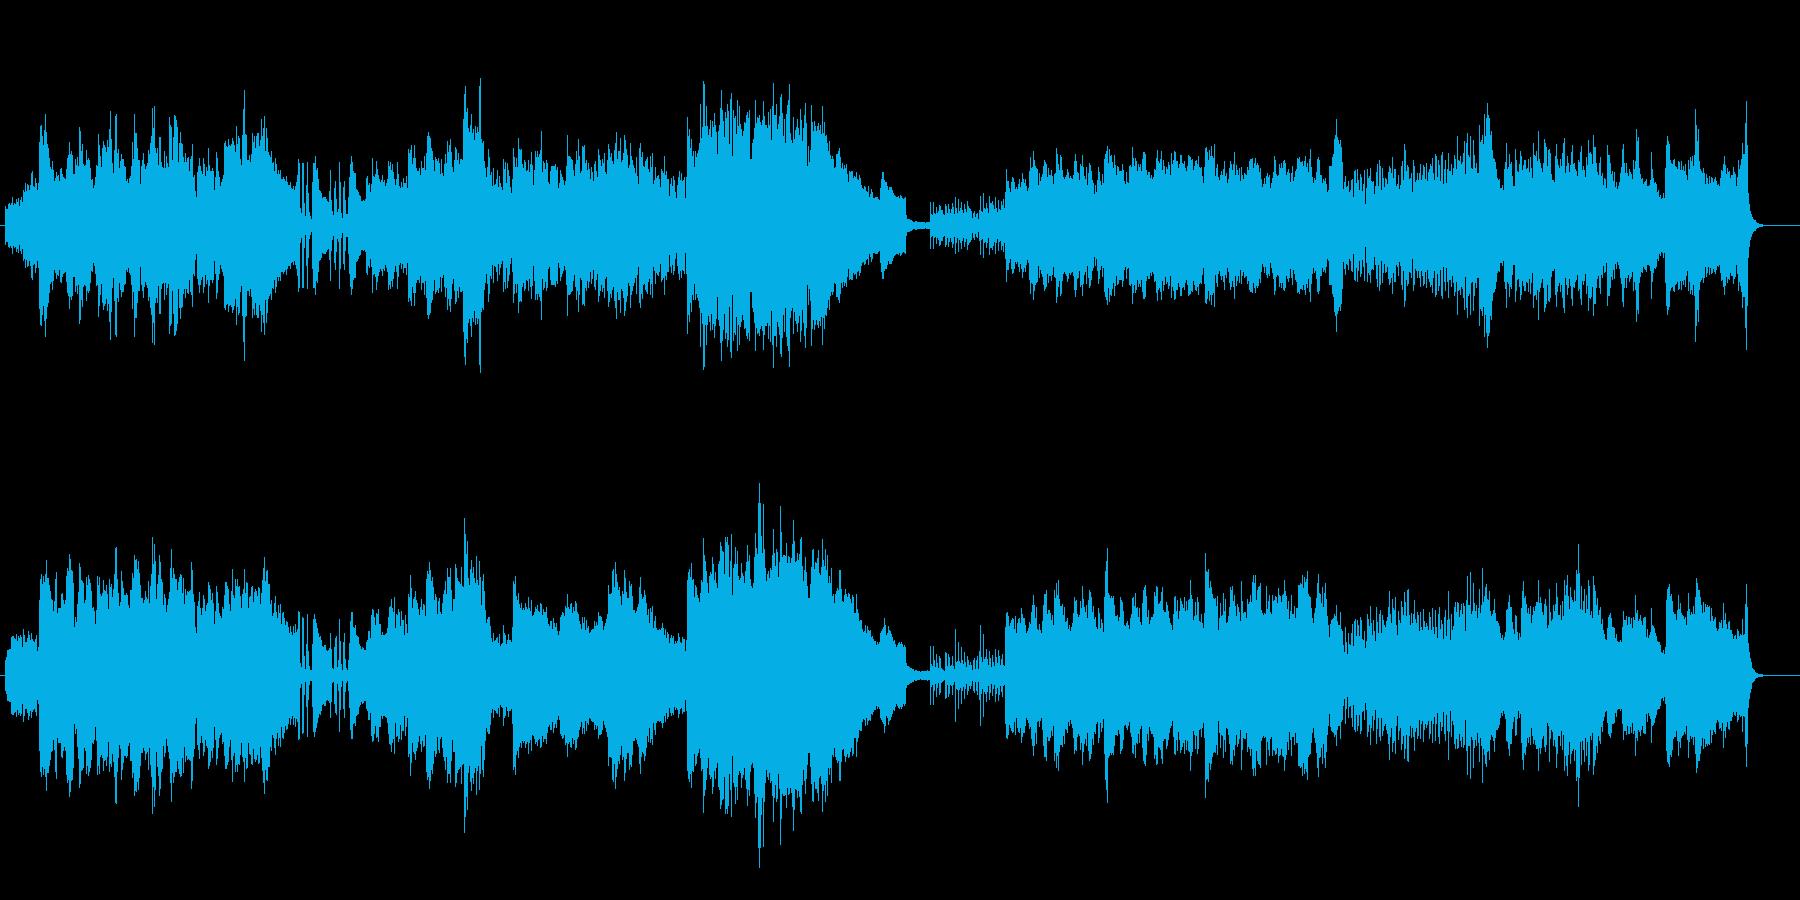 綿密に組み上げられたオーケストラサウンドの再生済みの波形